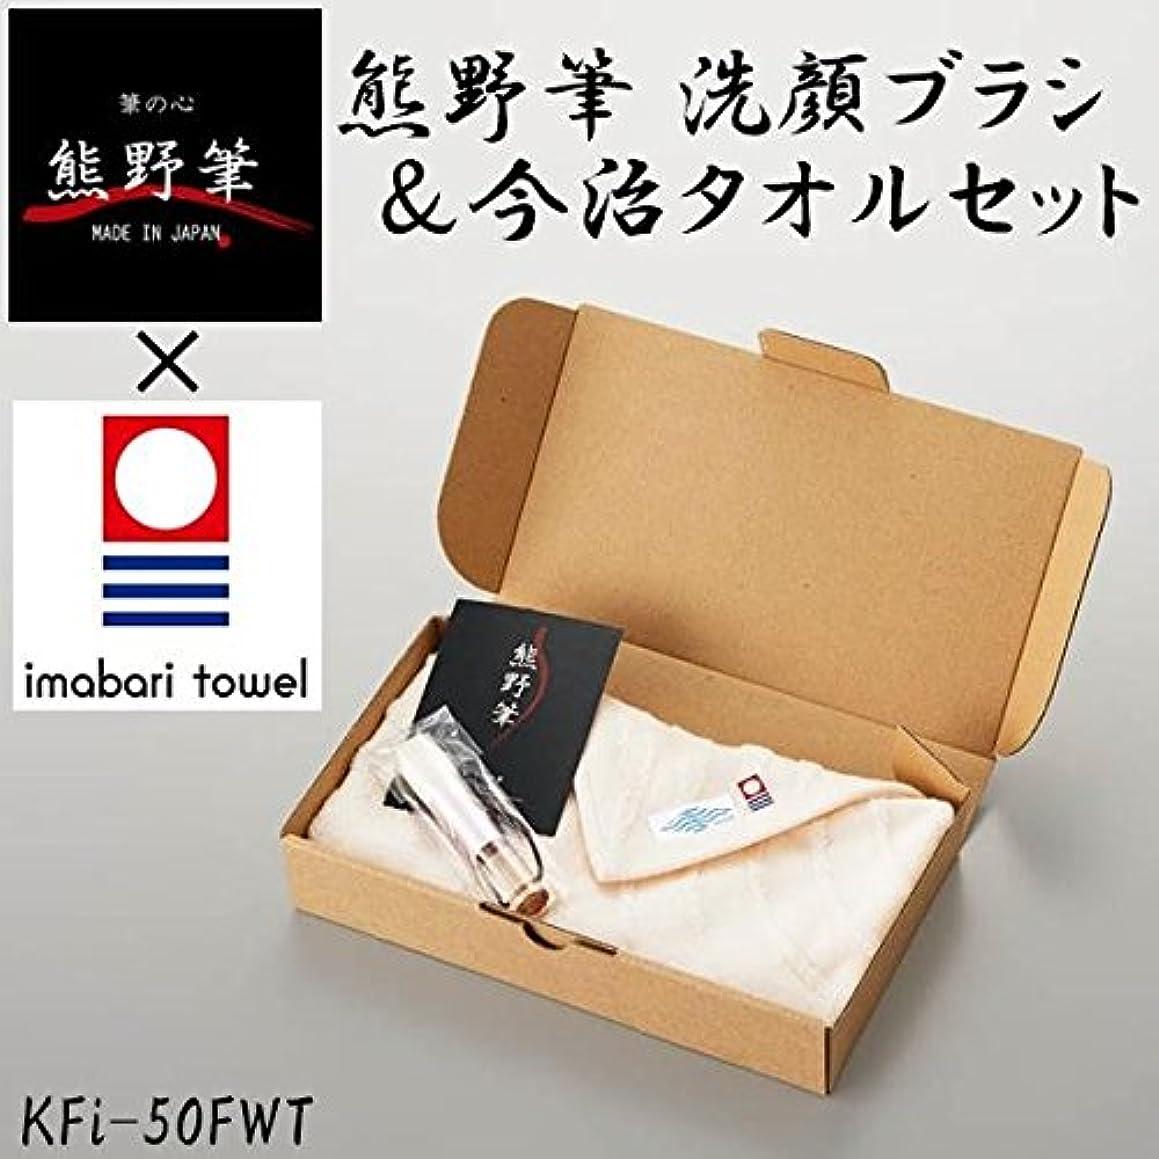 肉屋ご覧くださいサバント熊野筆 洗顔ブラシ&今治タオルセット KFi-50FWT【同梱?代引不可】